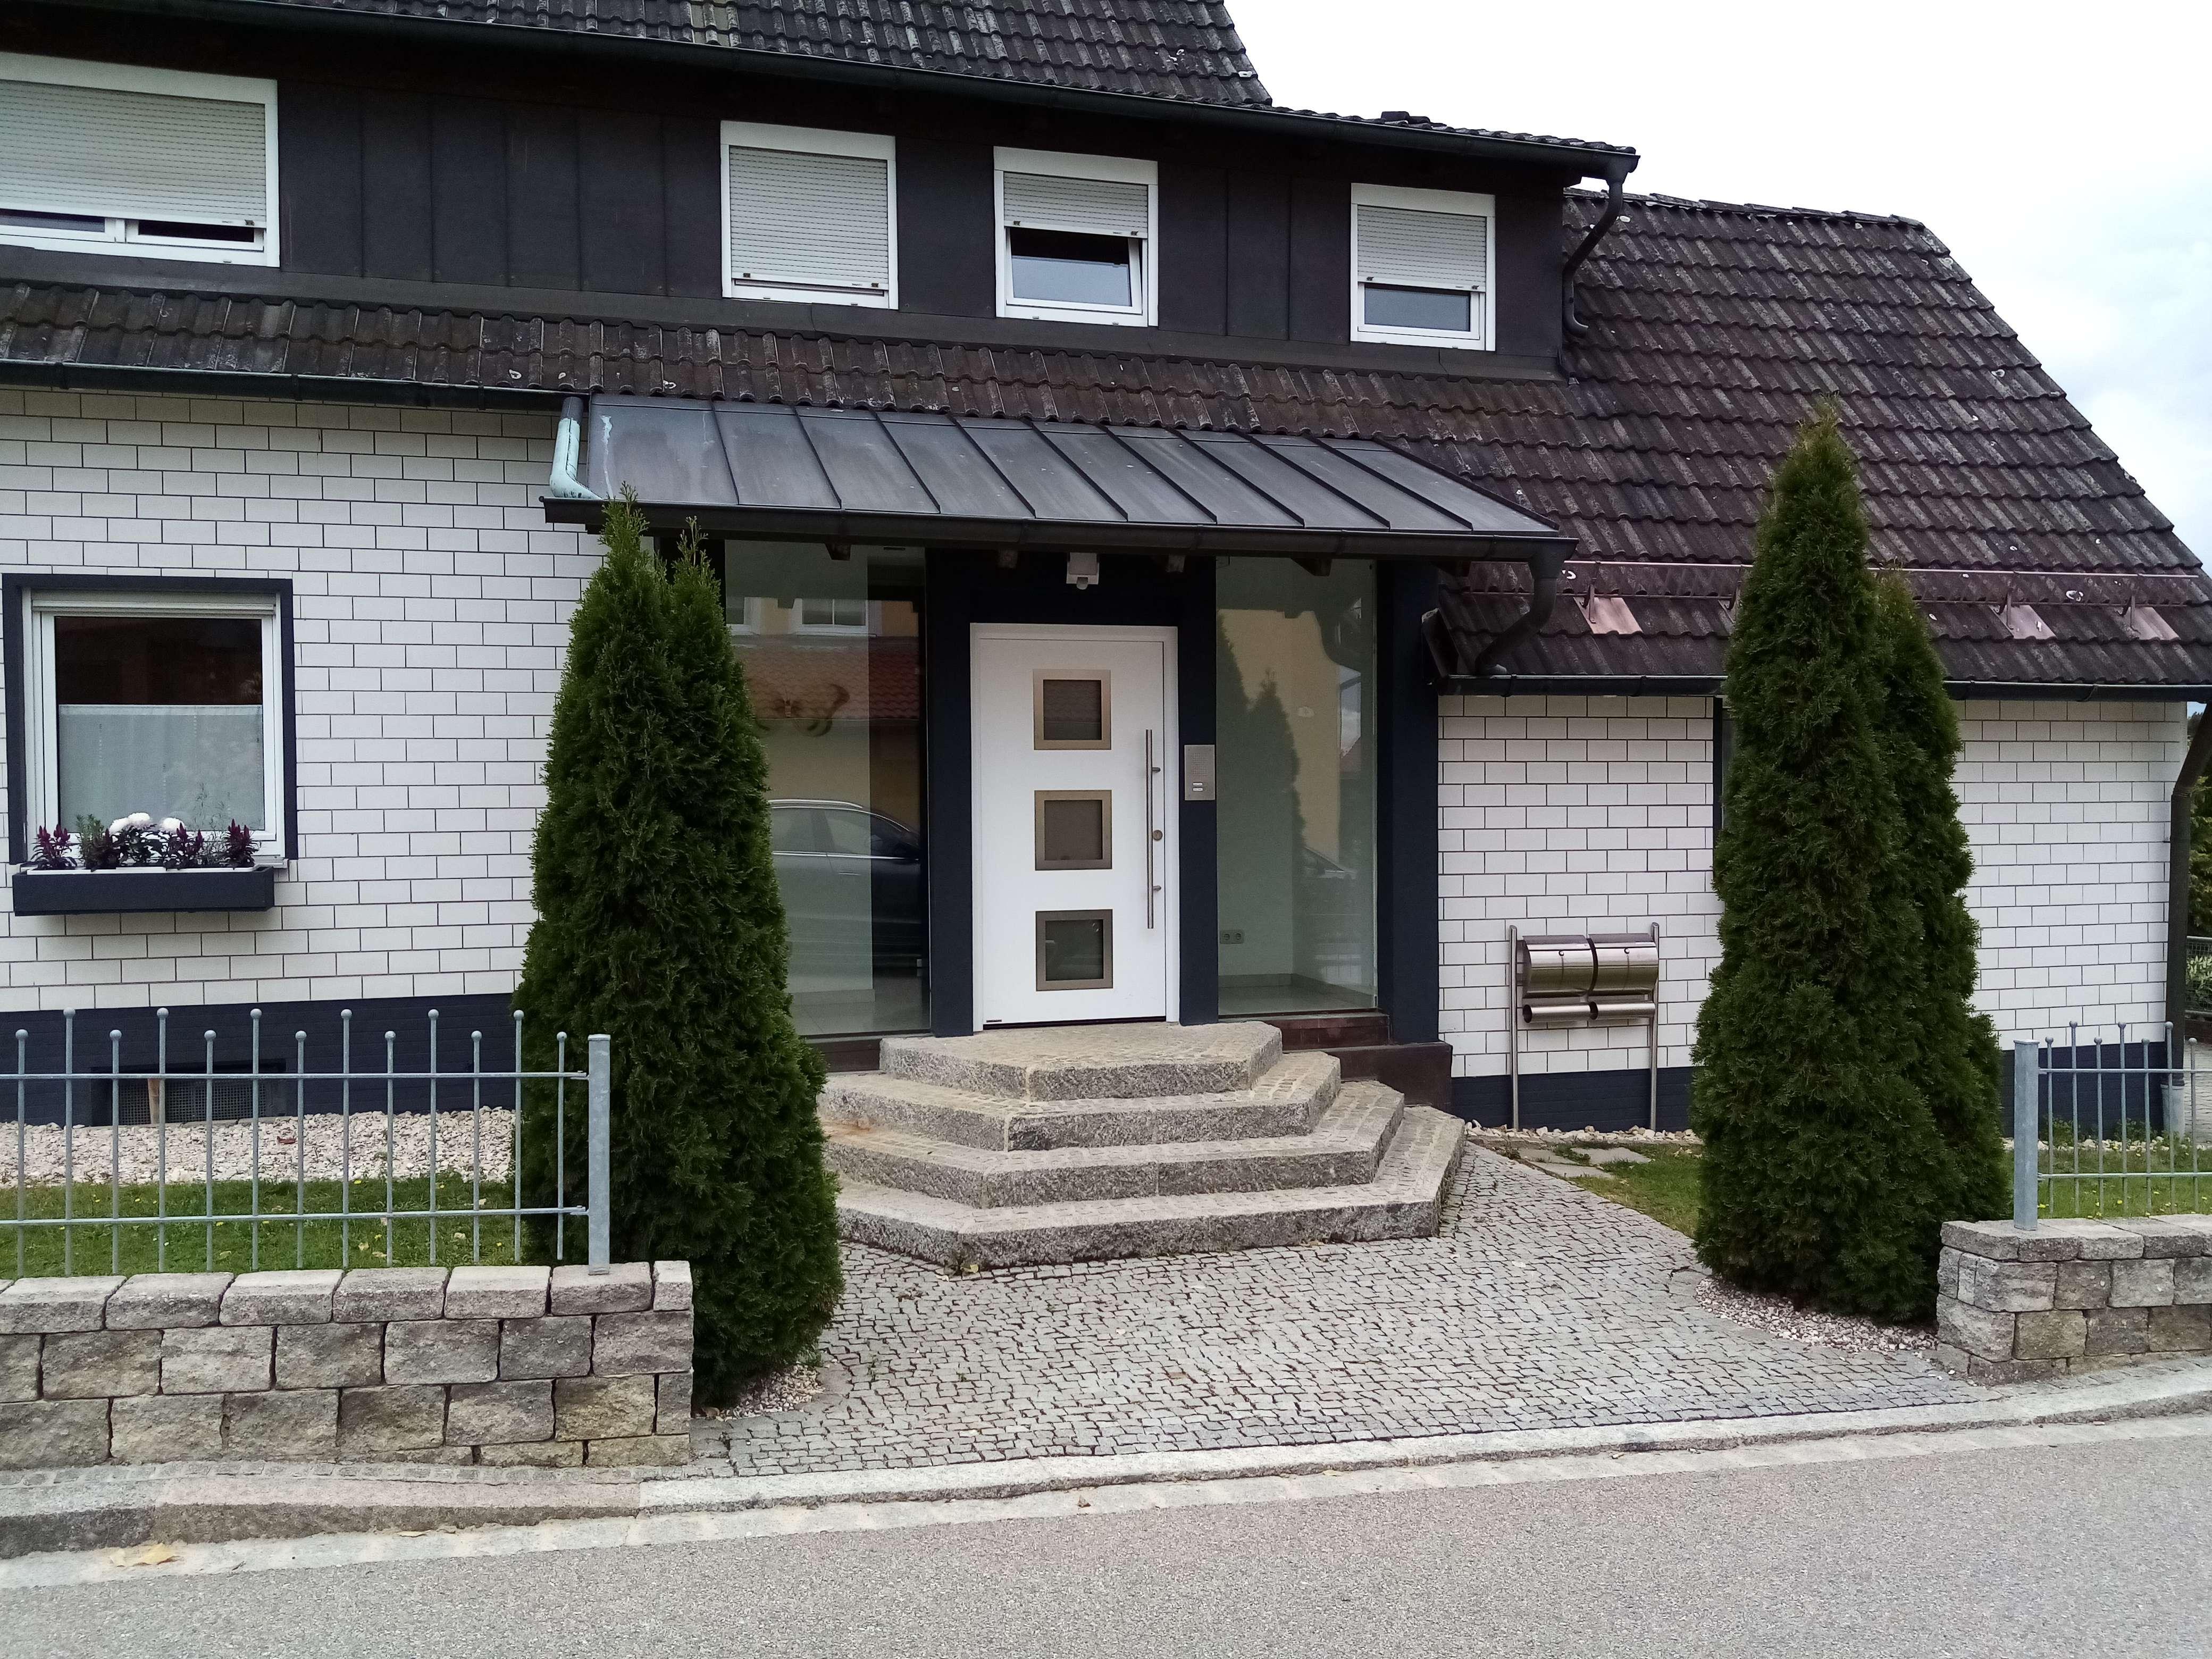 Neuwertige 3,5-Zimmer-Dachgeschosswohnung mit Balkon und EBK in Wackersdorf in Wackersdorf